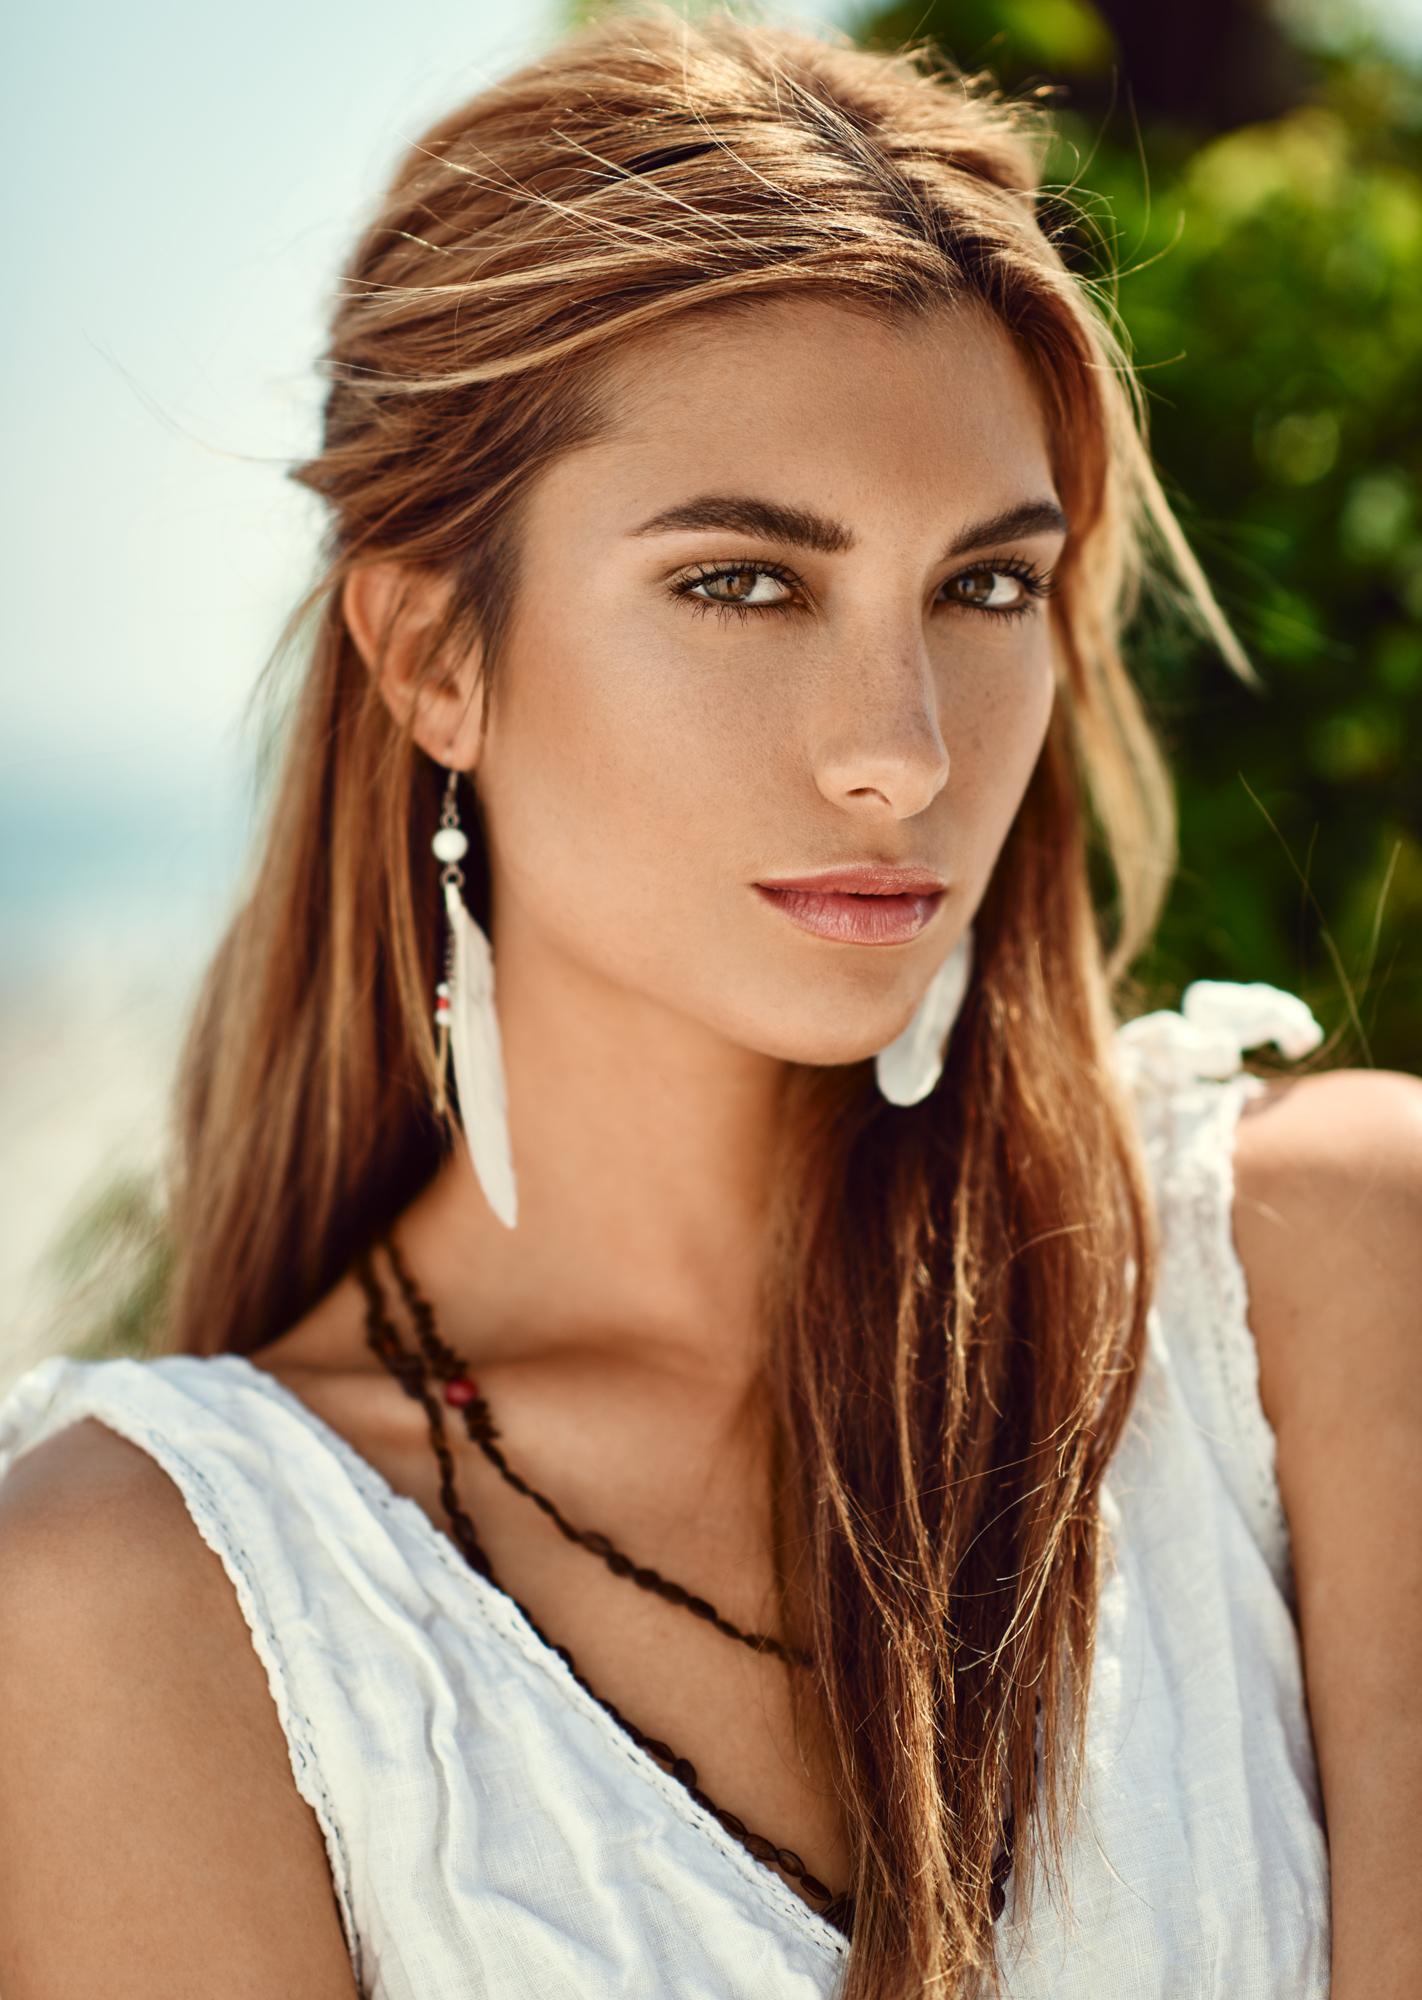 Alexandria Eissinger fotograf christian grüner dagslys daylight fjer øreringe brunette brune øjne